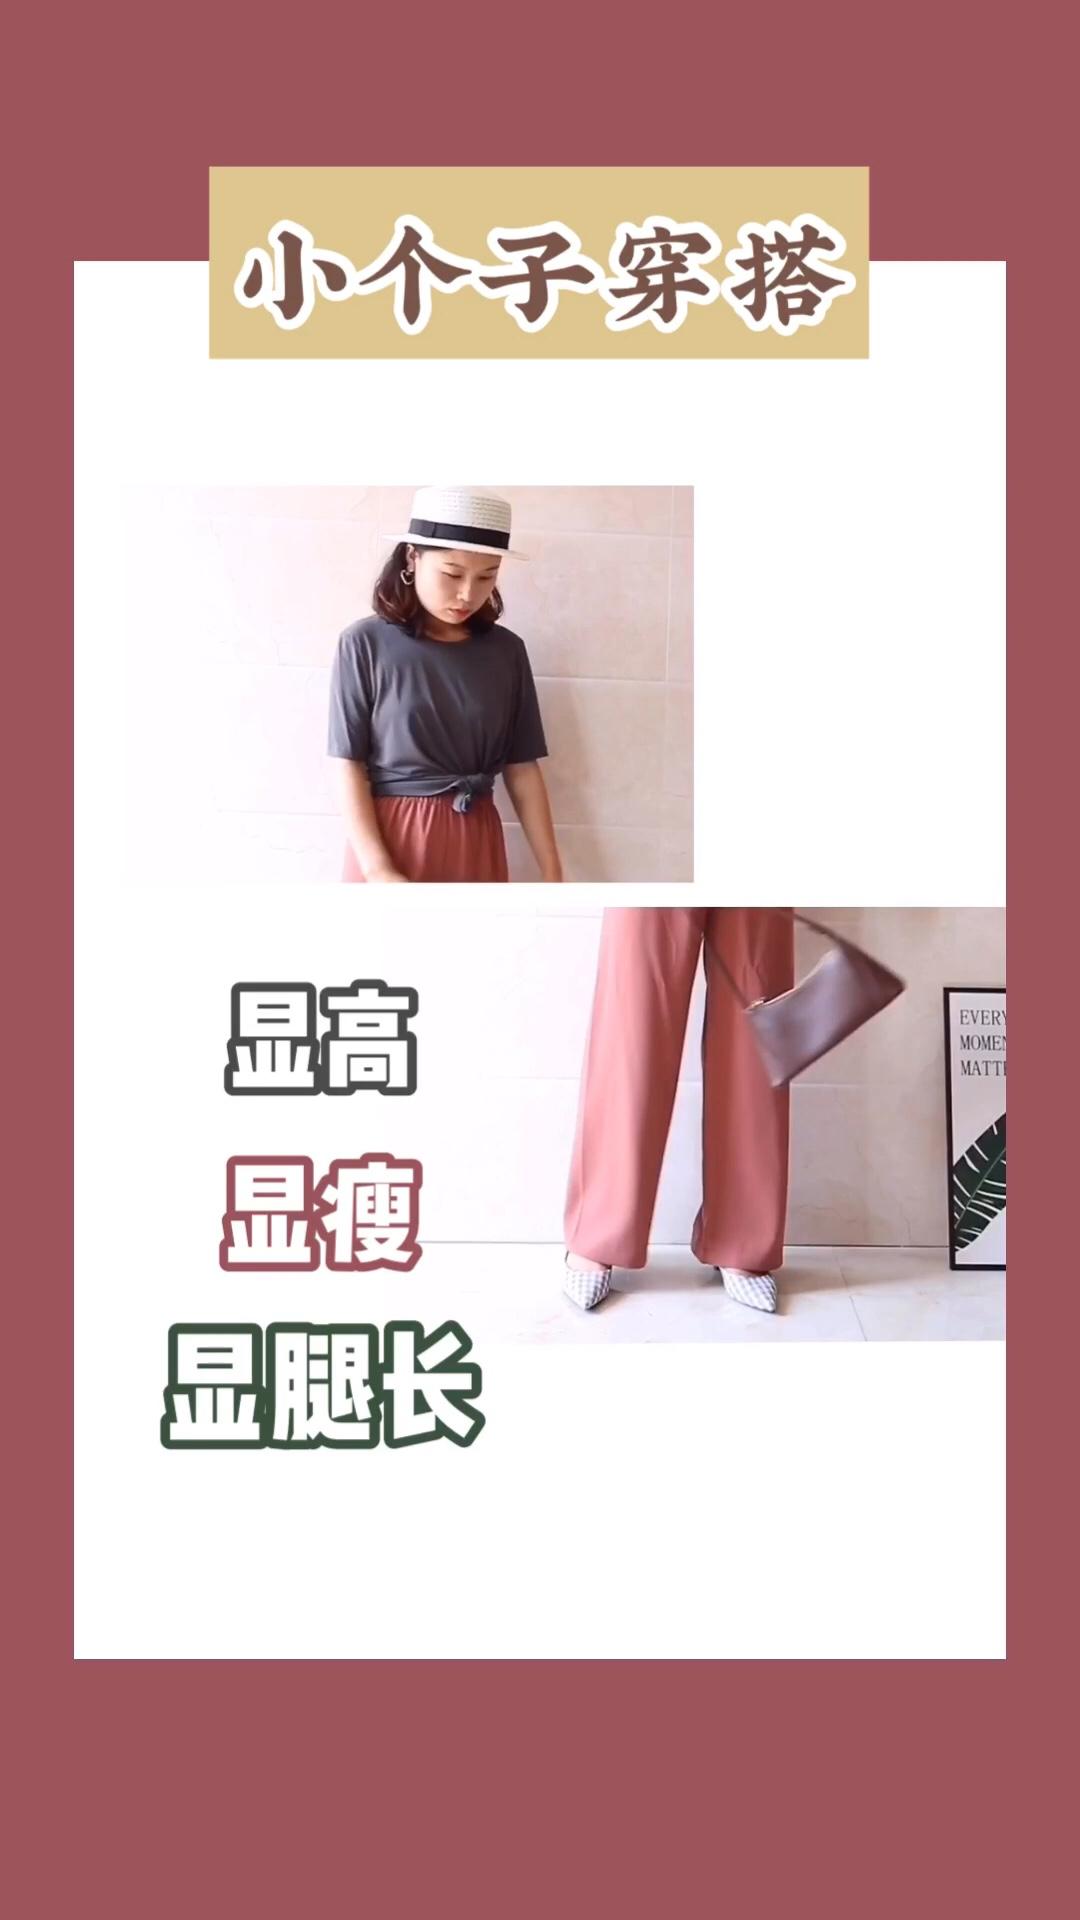 """🌟点击右下角""""购买""""查看购买链接🌟 🌟点击右下角""""购买""""查看商品链接🌟  #下半身胖的正确挑衣法则#   6⃣️🈷️搭配心得: 一套适合下半身胖的小个子宝宝的搭配推荐给大家  首先上身是一件面料非常舒服的铜氨丝T恤,裤子呢,是一条之类的的凉凉裤,整套搭配显高显瘦显腿长哦,小个子子宝宝学习起来吧!"""